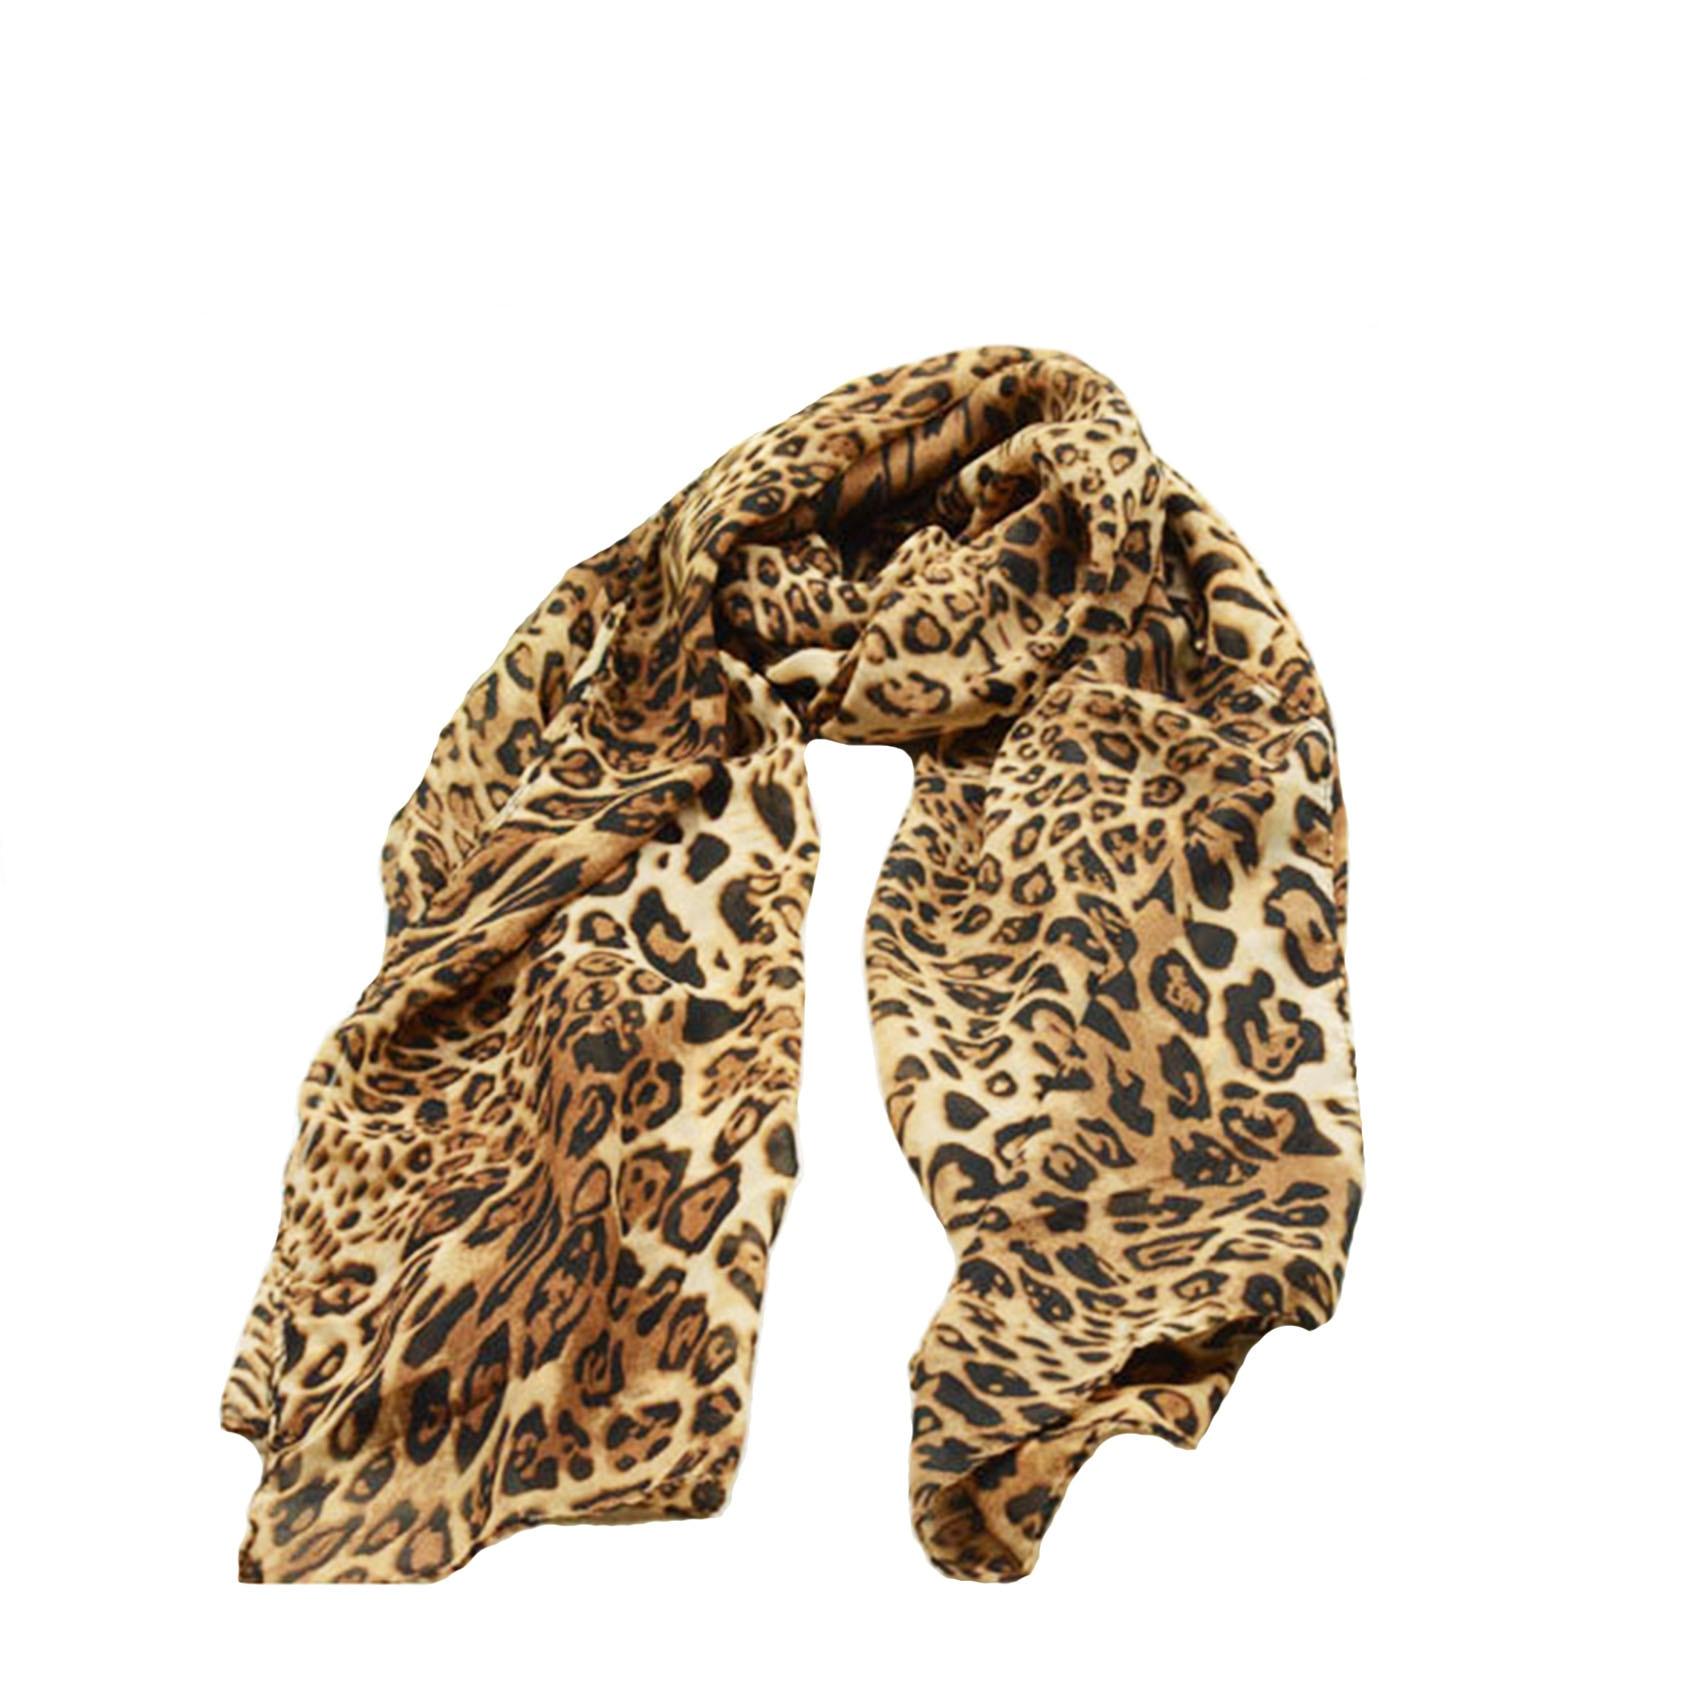 160x60CM Chiffon Leopard Scarf Brand New Fashion Women Long Chiffon Scarves Leopard Print Shawl All-match Lady Soft Scarf leopard print skinny scarf